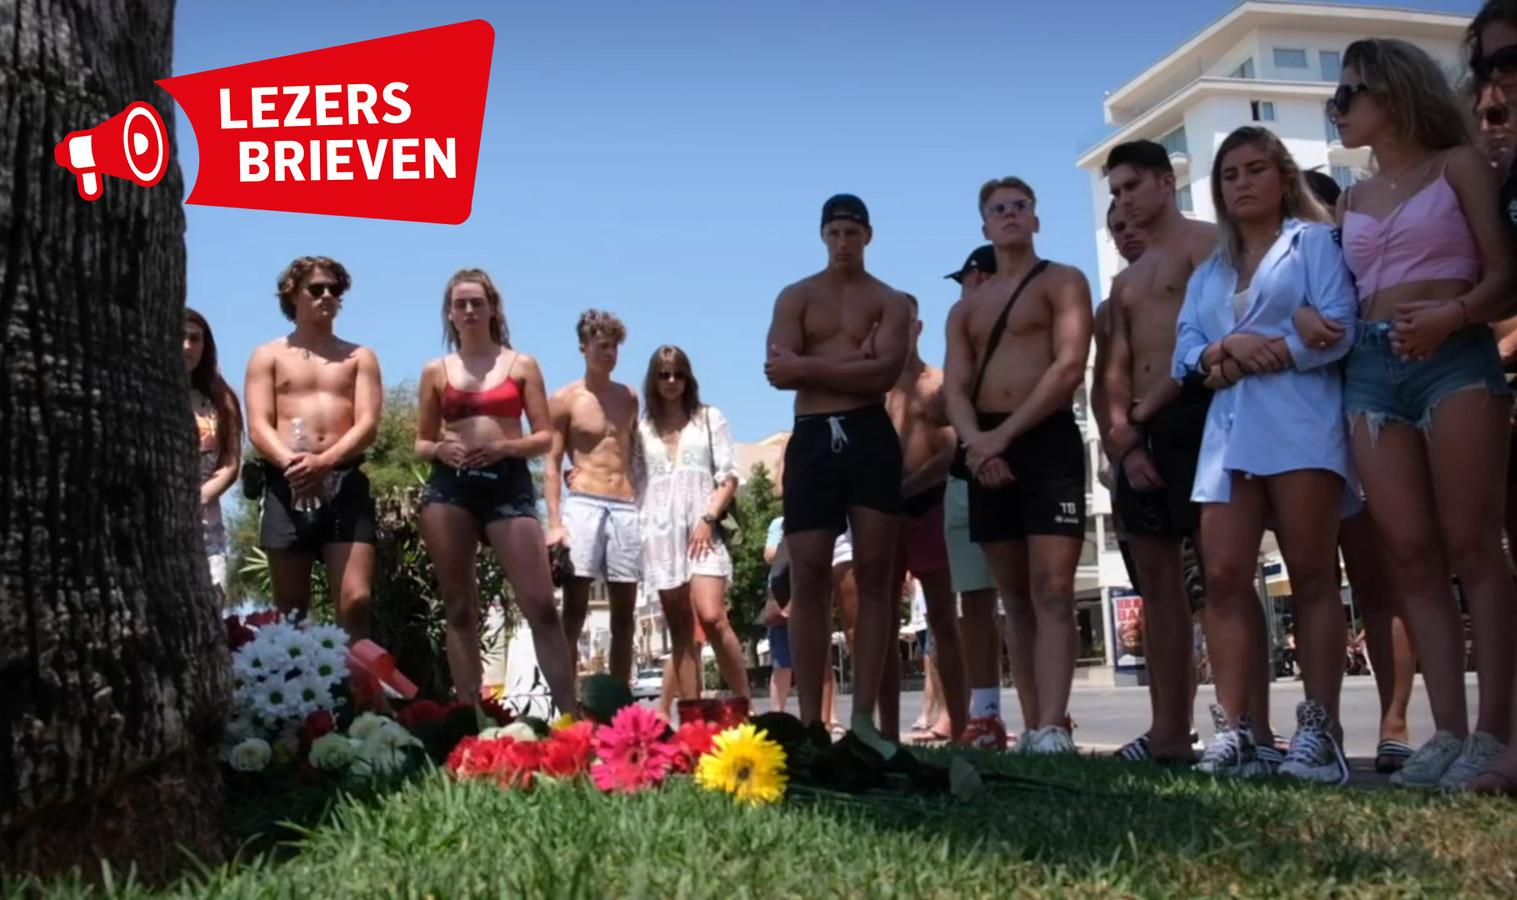 Jongeren leggen op Mallorca bloemen voor de overleden Carlo.